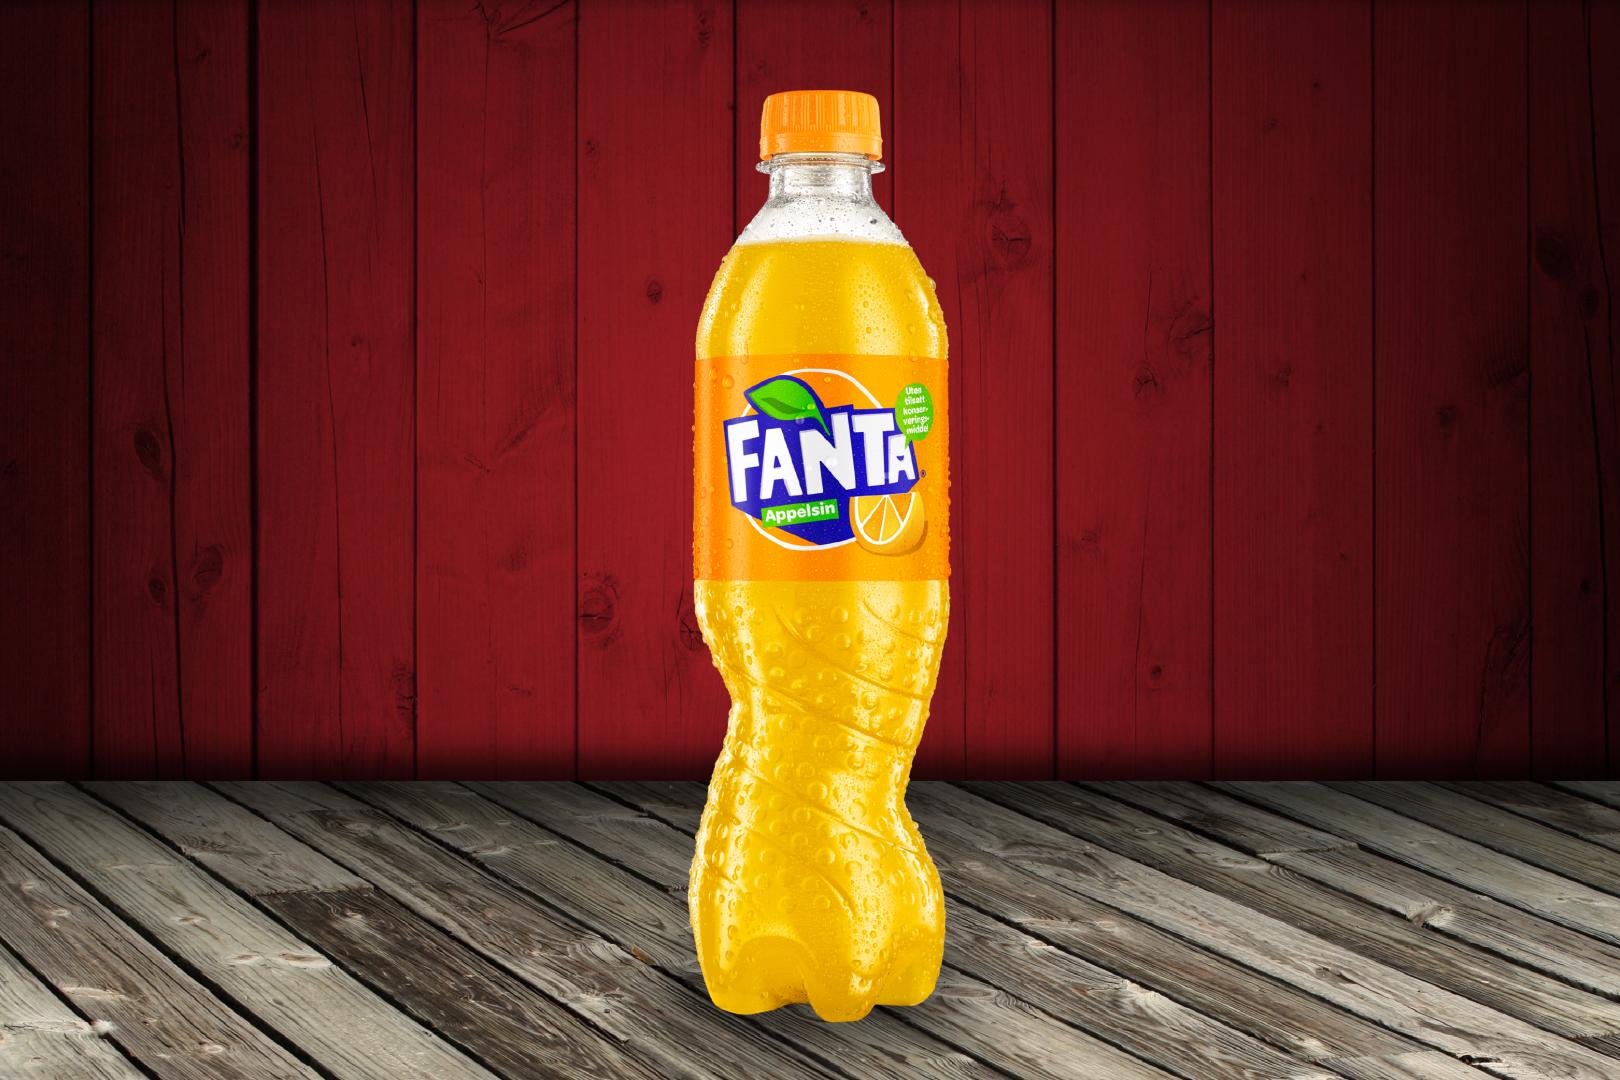 Fanta Appelsin 0.5L